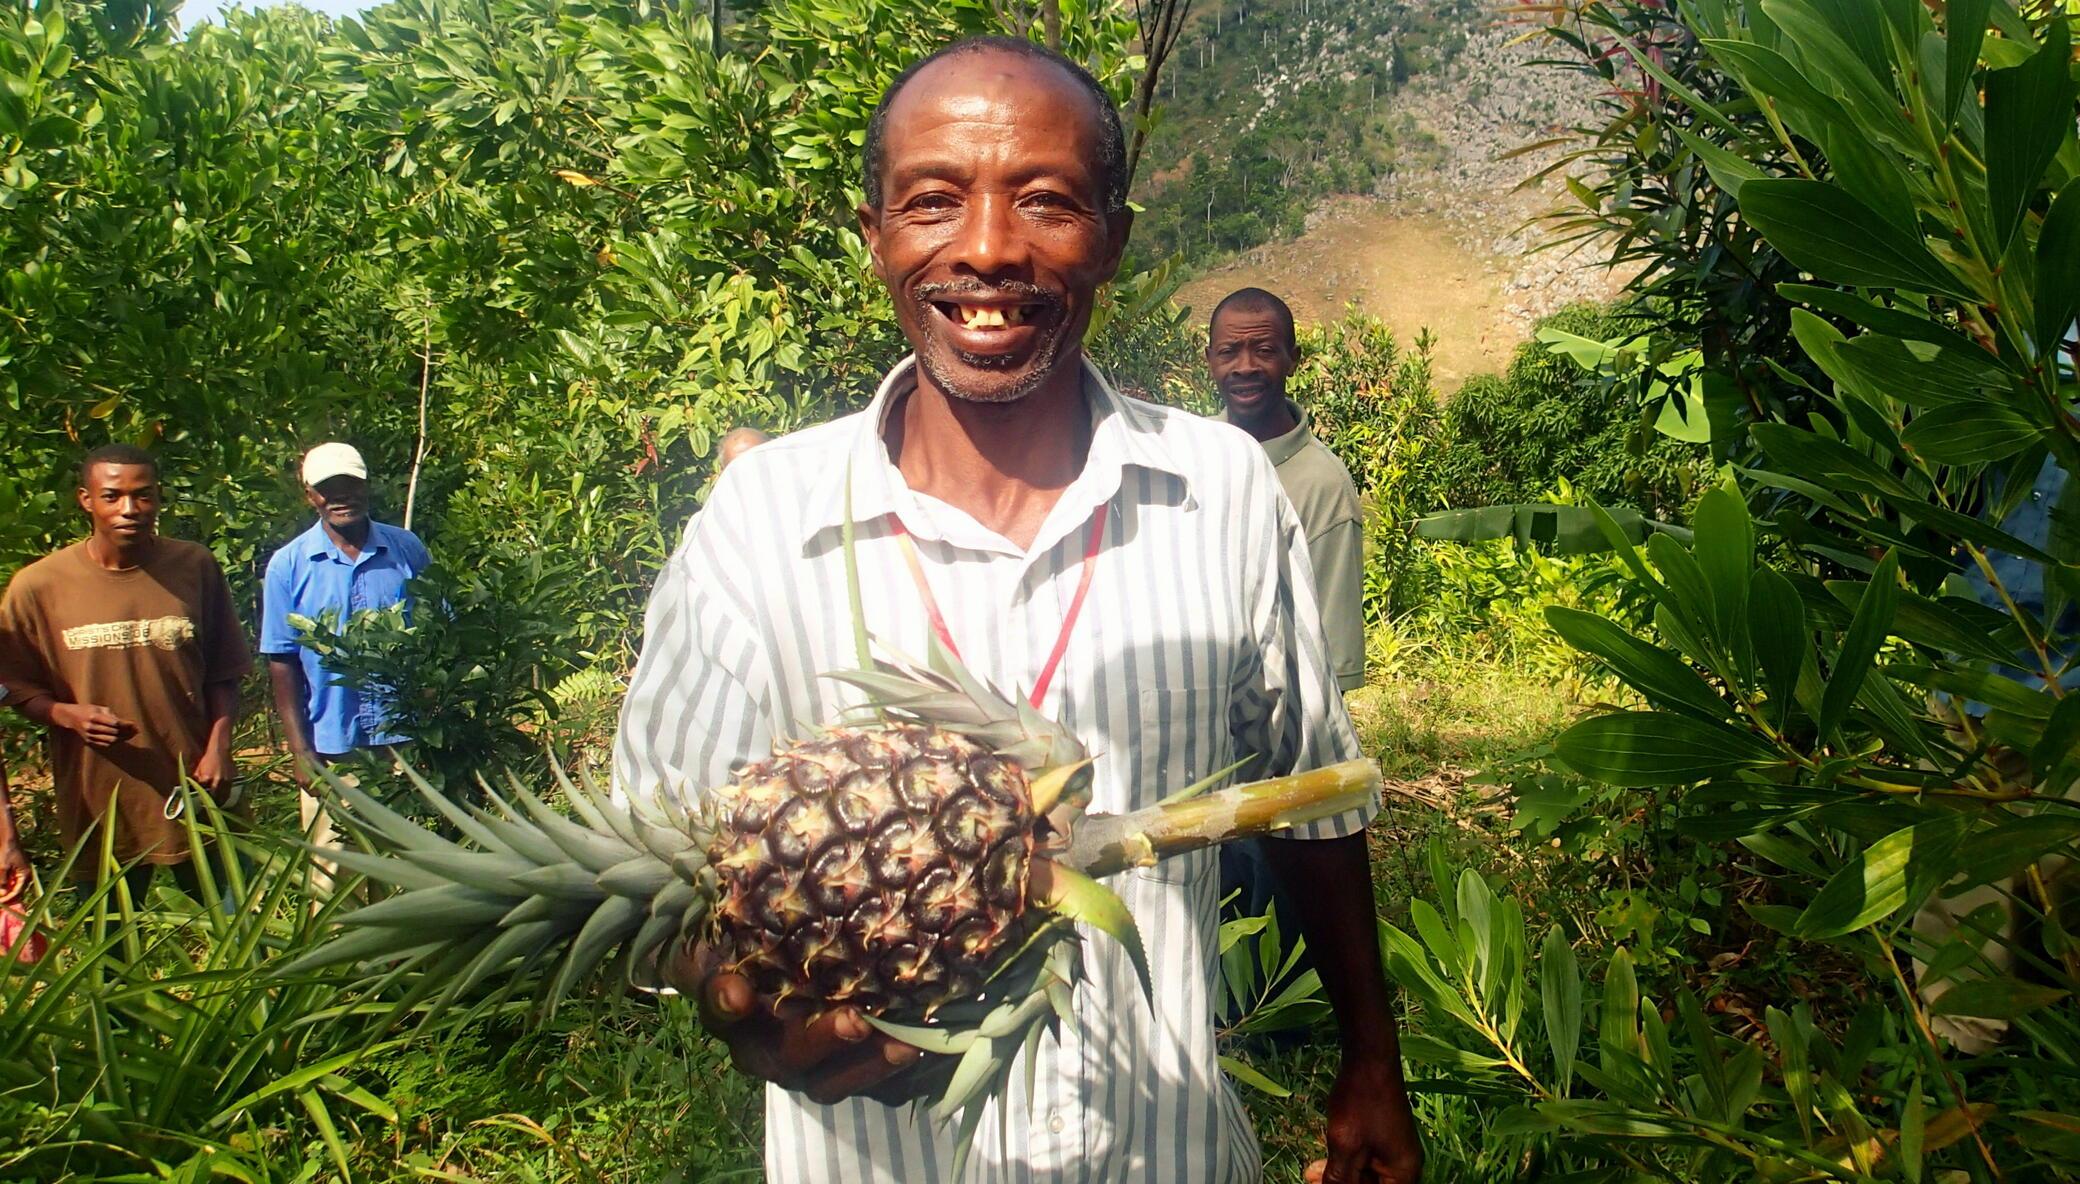 Help Families Grow their Own Food in Rural Haiti